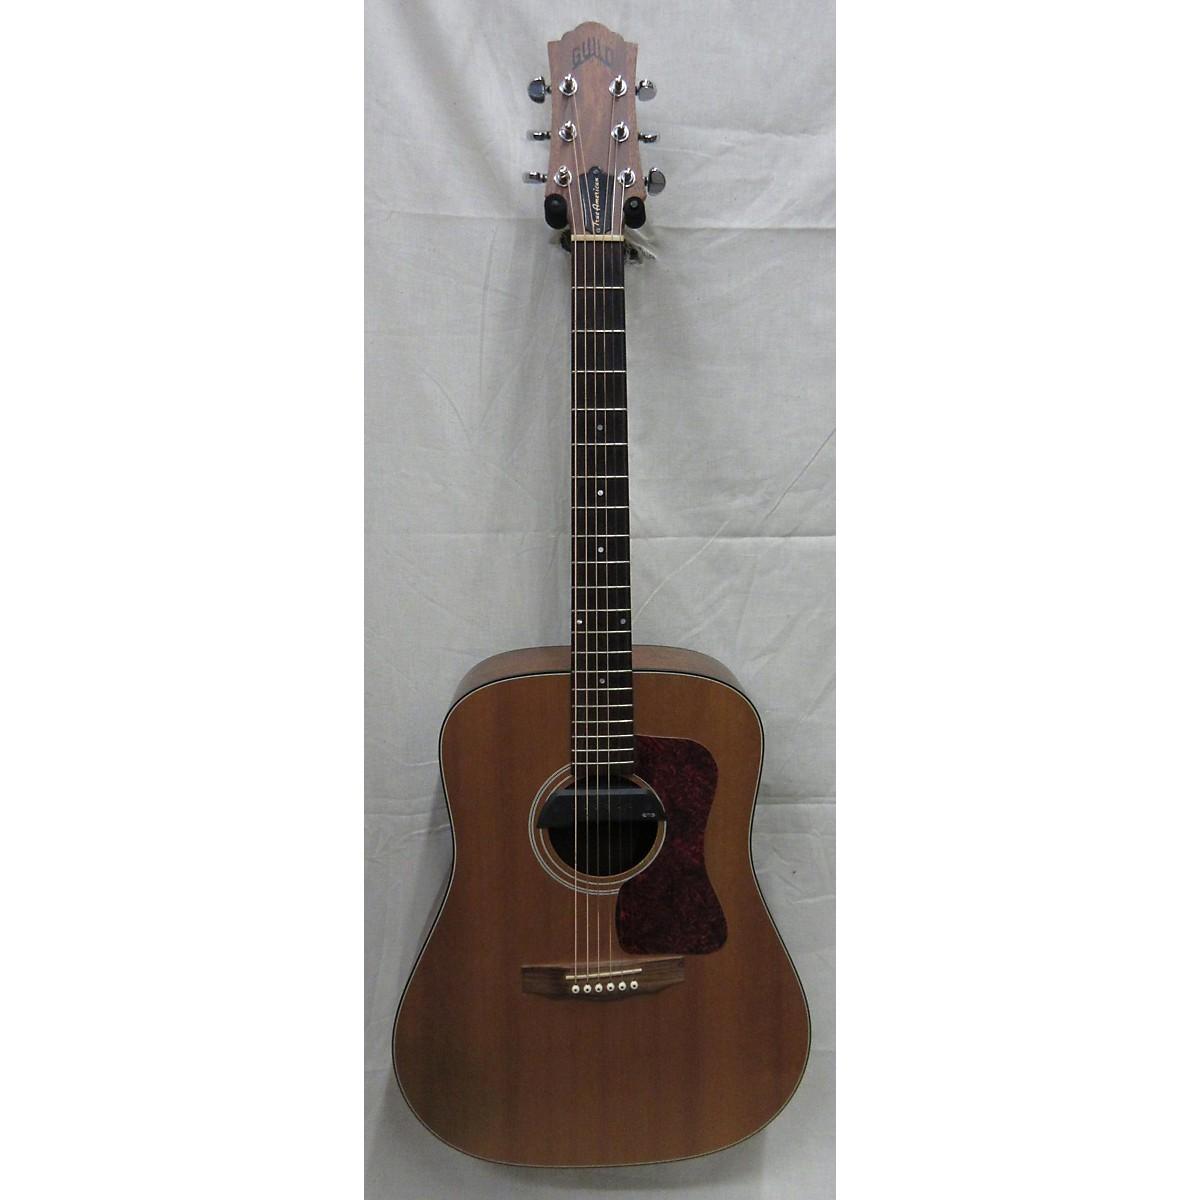 Guild D4 Acoustic Electric Guitar